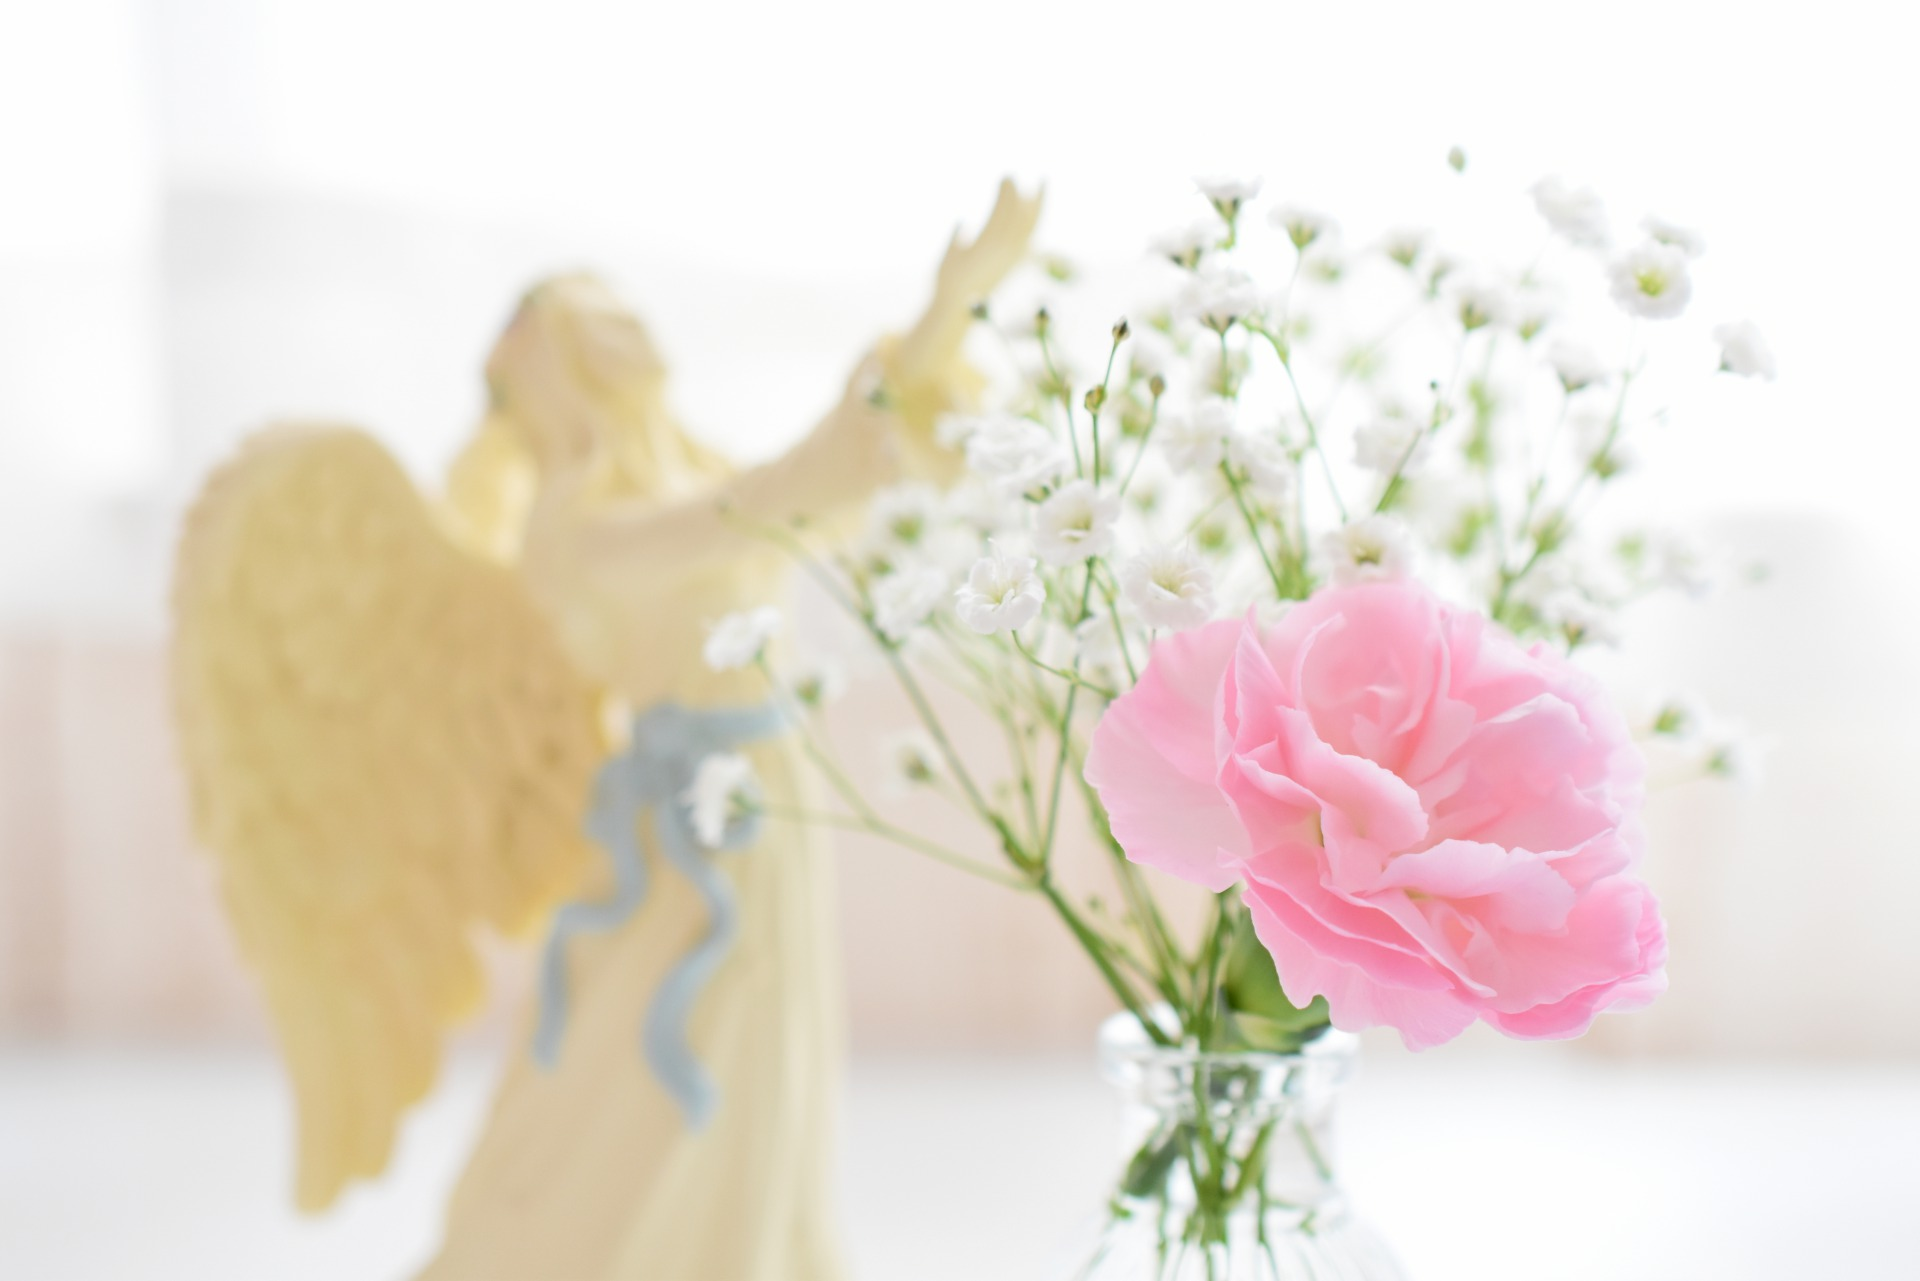 奇跡のセラピー無料体験